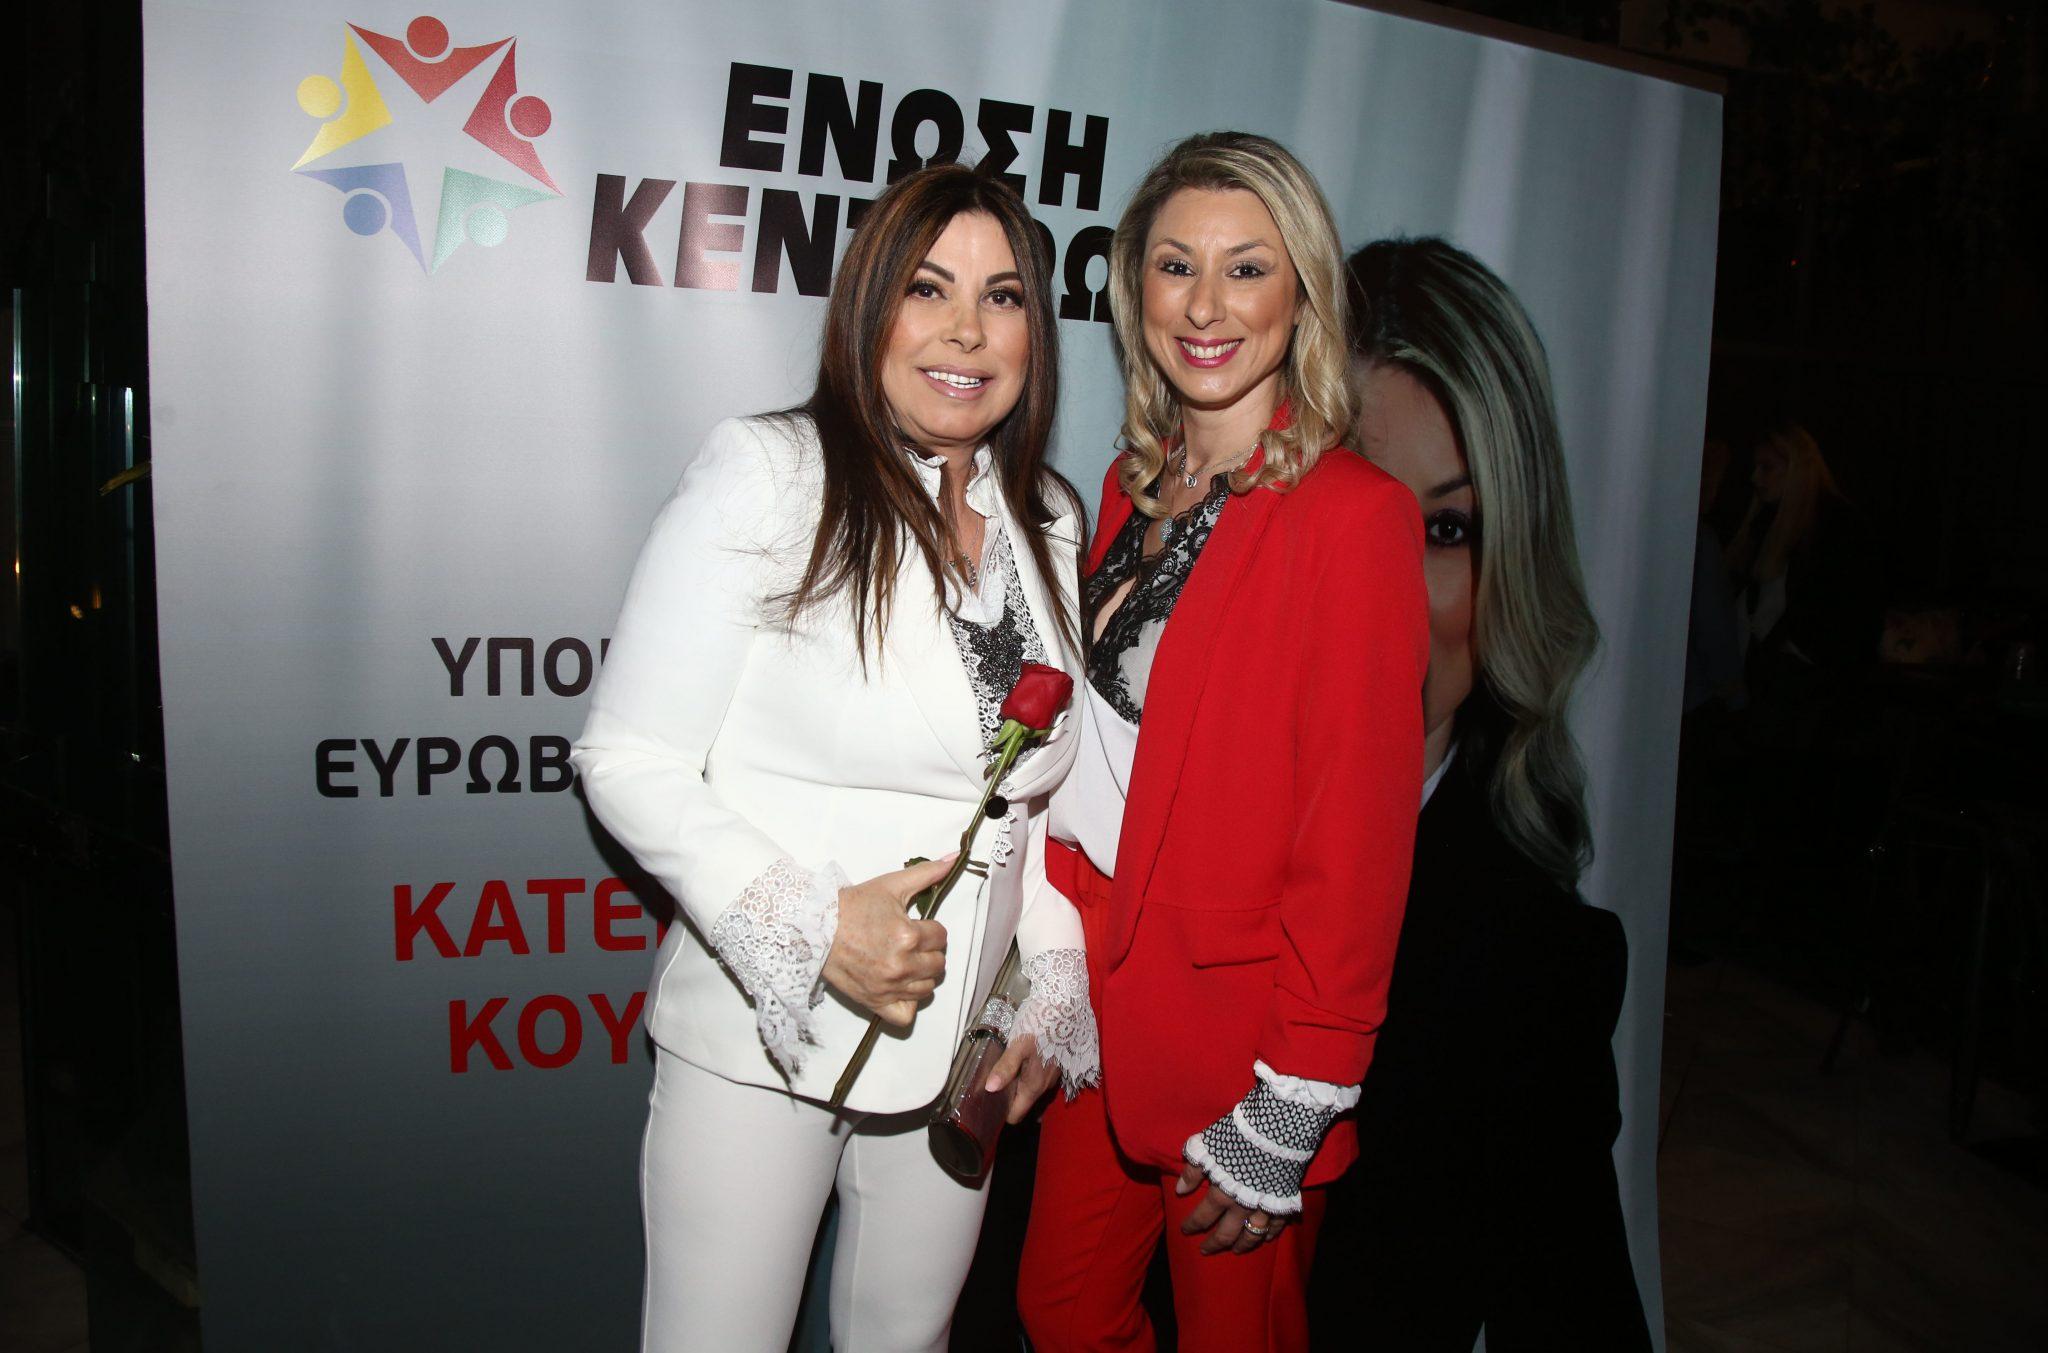 Δυναμικο παρον στο cocktail party για την ανακοινωση της υποψηφιοτητας της Κατερινας Κουτρη στις φετινες ευρωεκλογες!